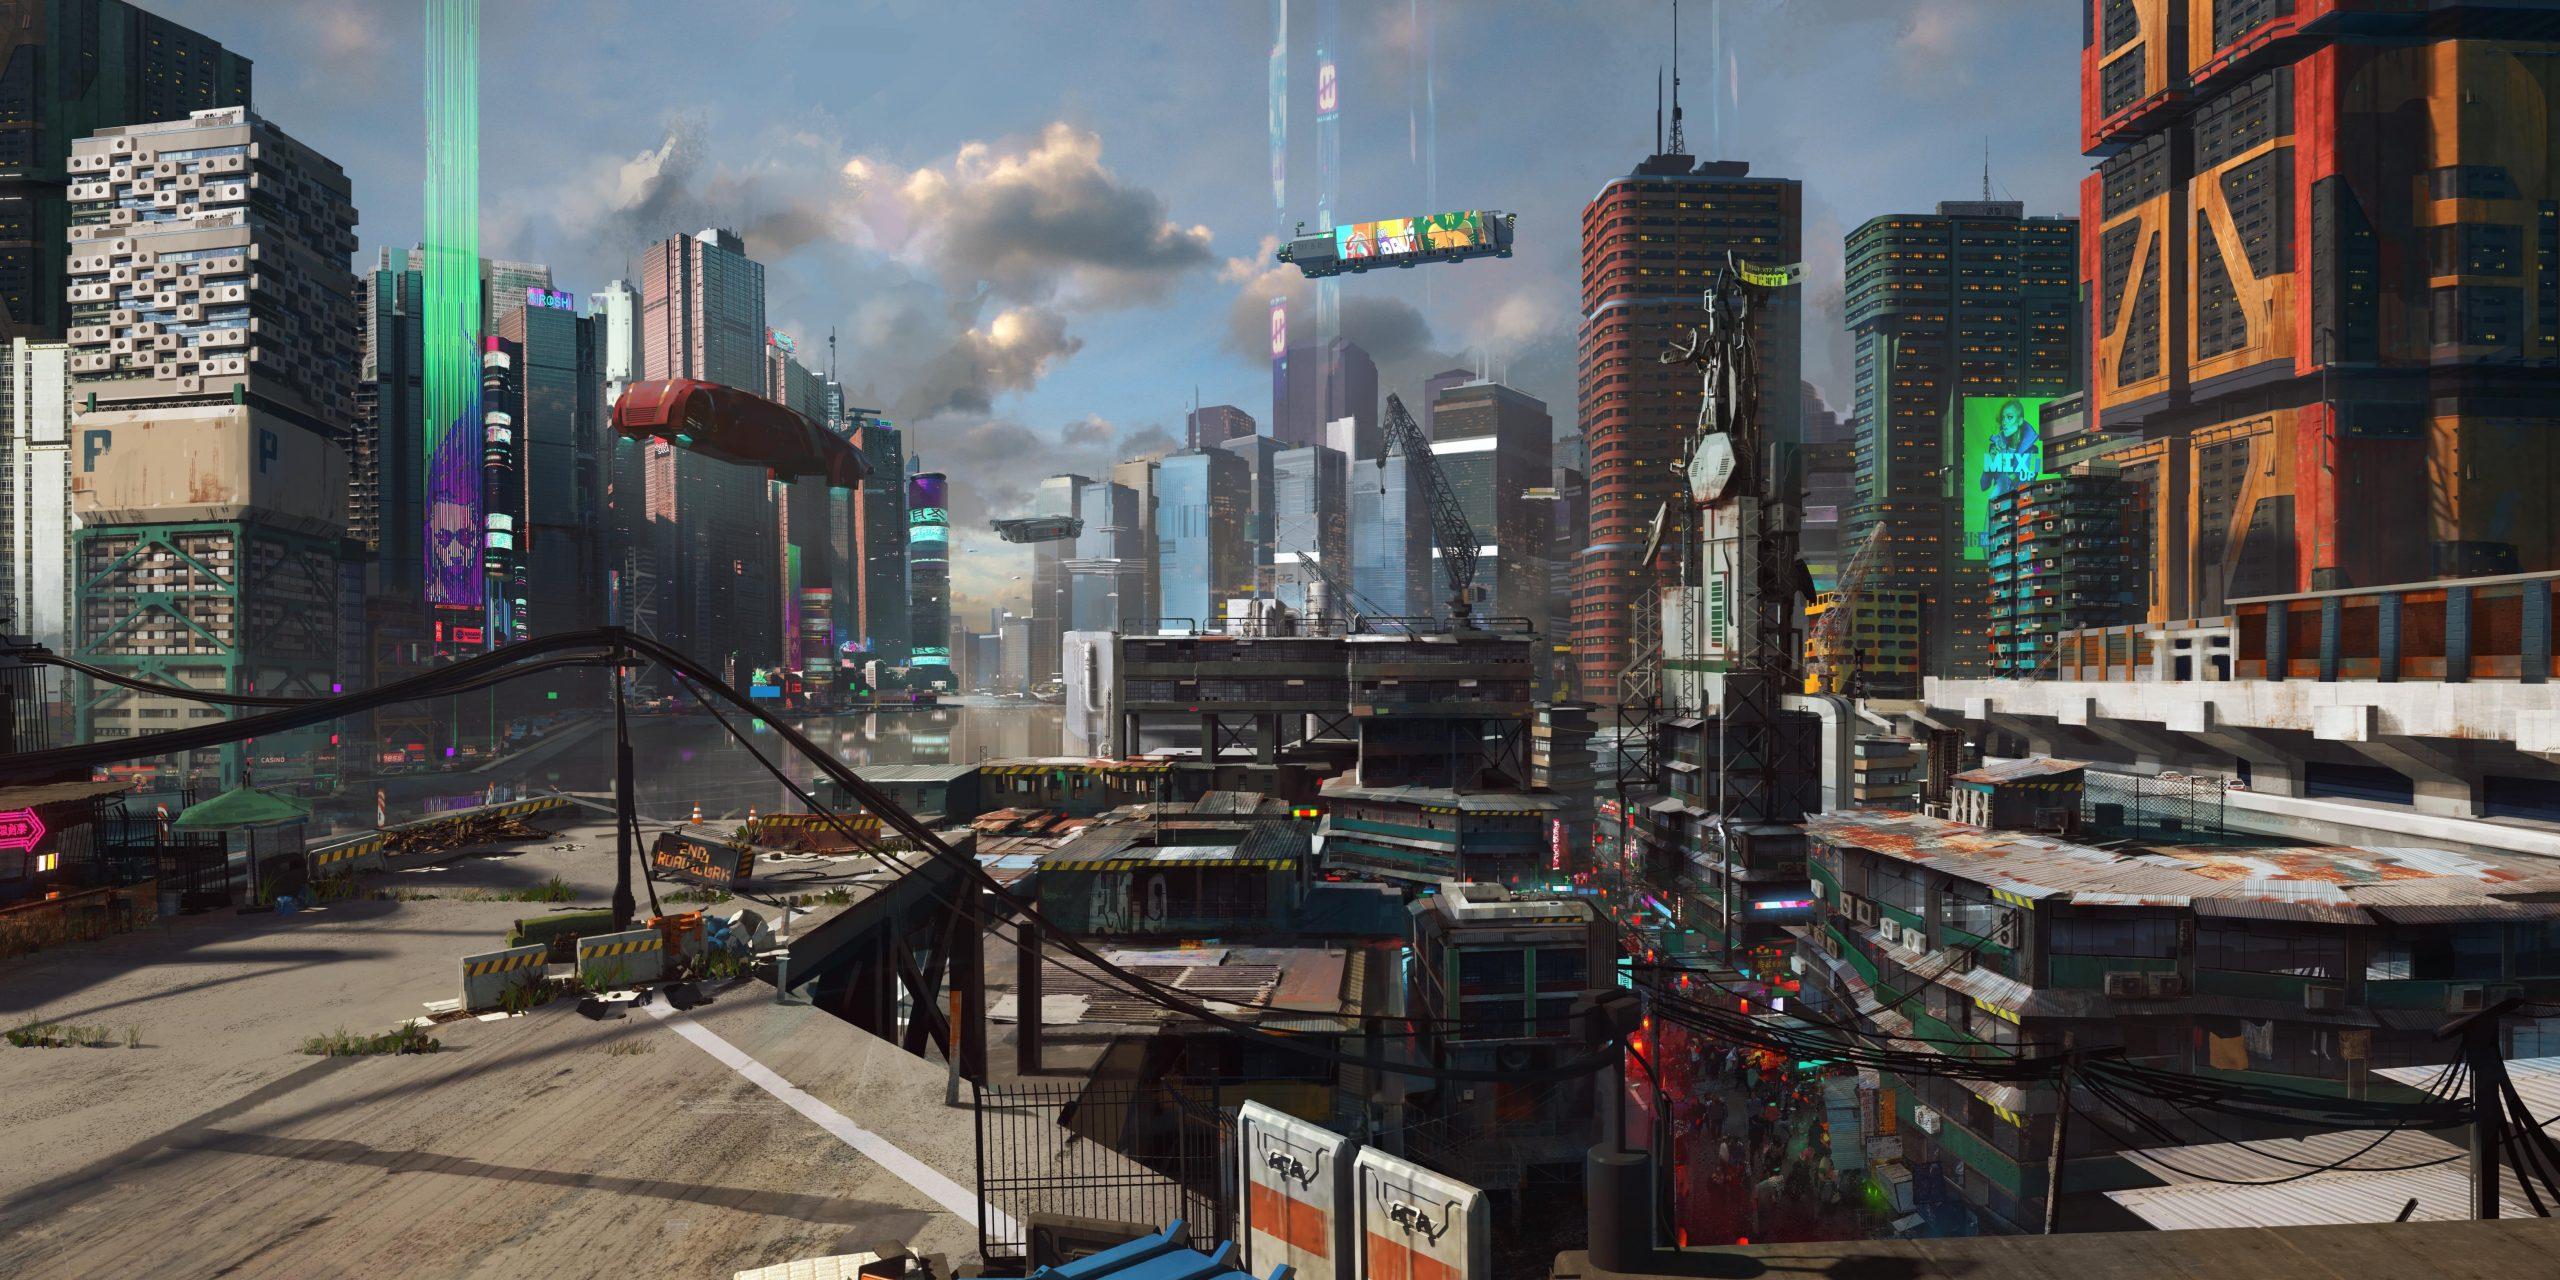 Трейлер, геймплей ианиме отTrigger — что показали напрезентации Cyberpunk 2077? 22